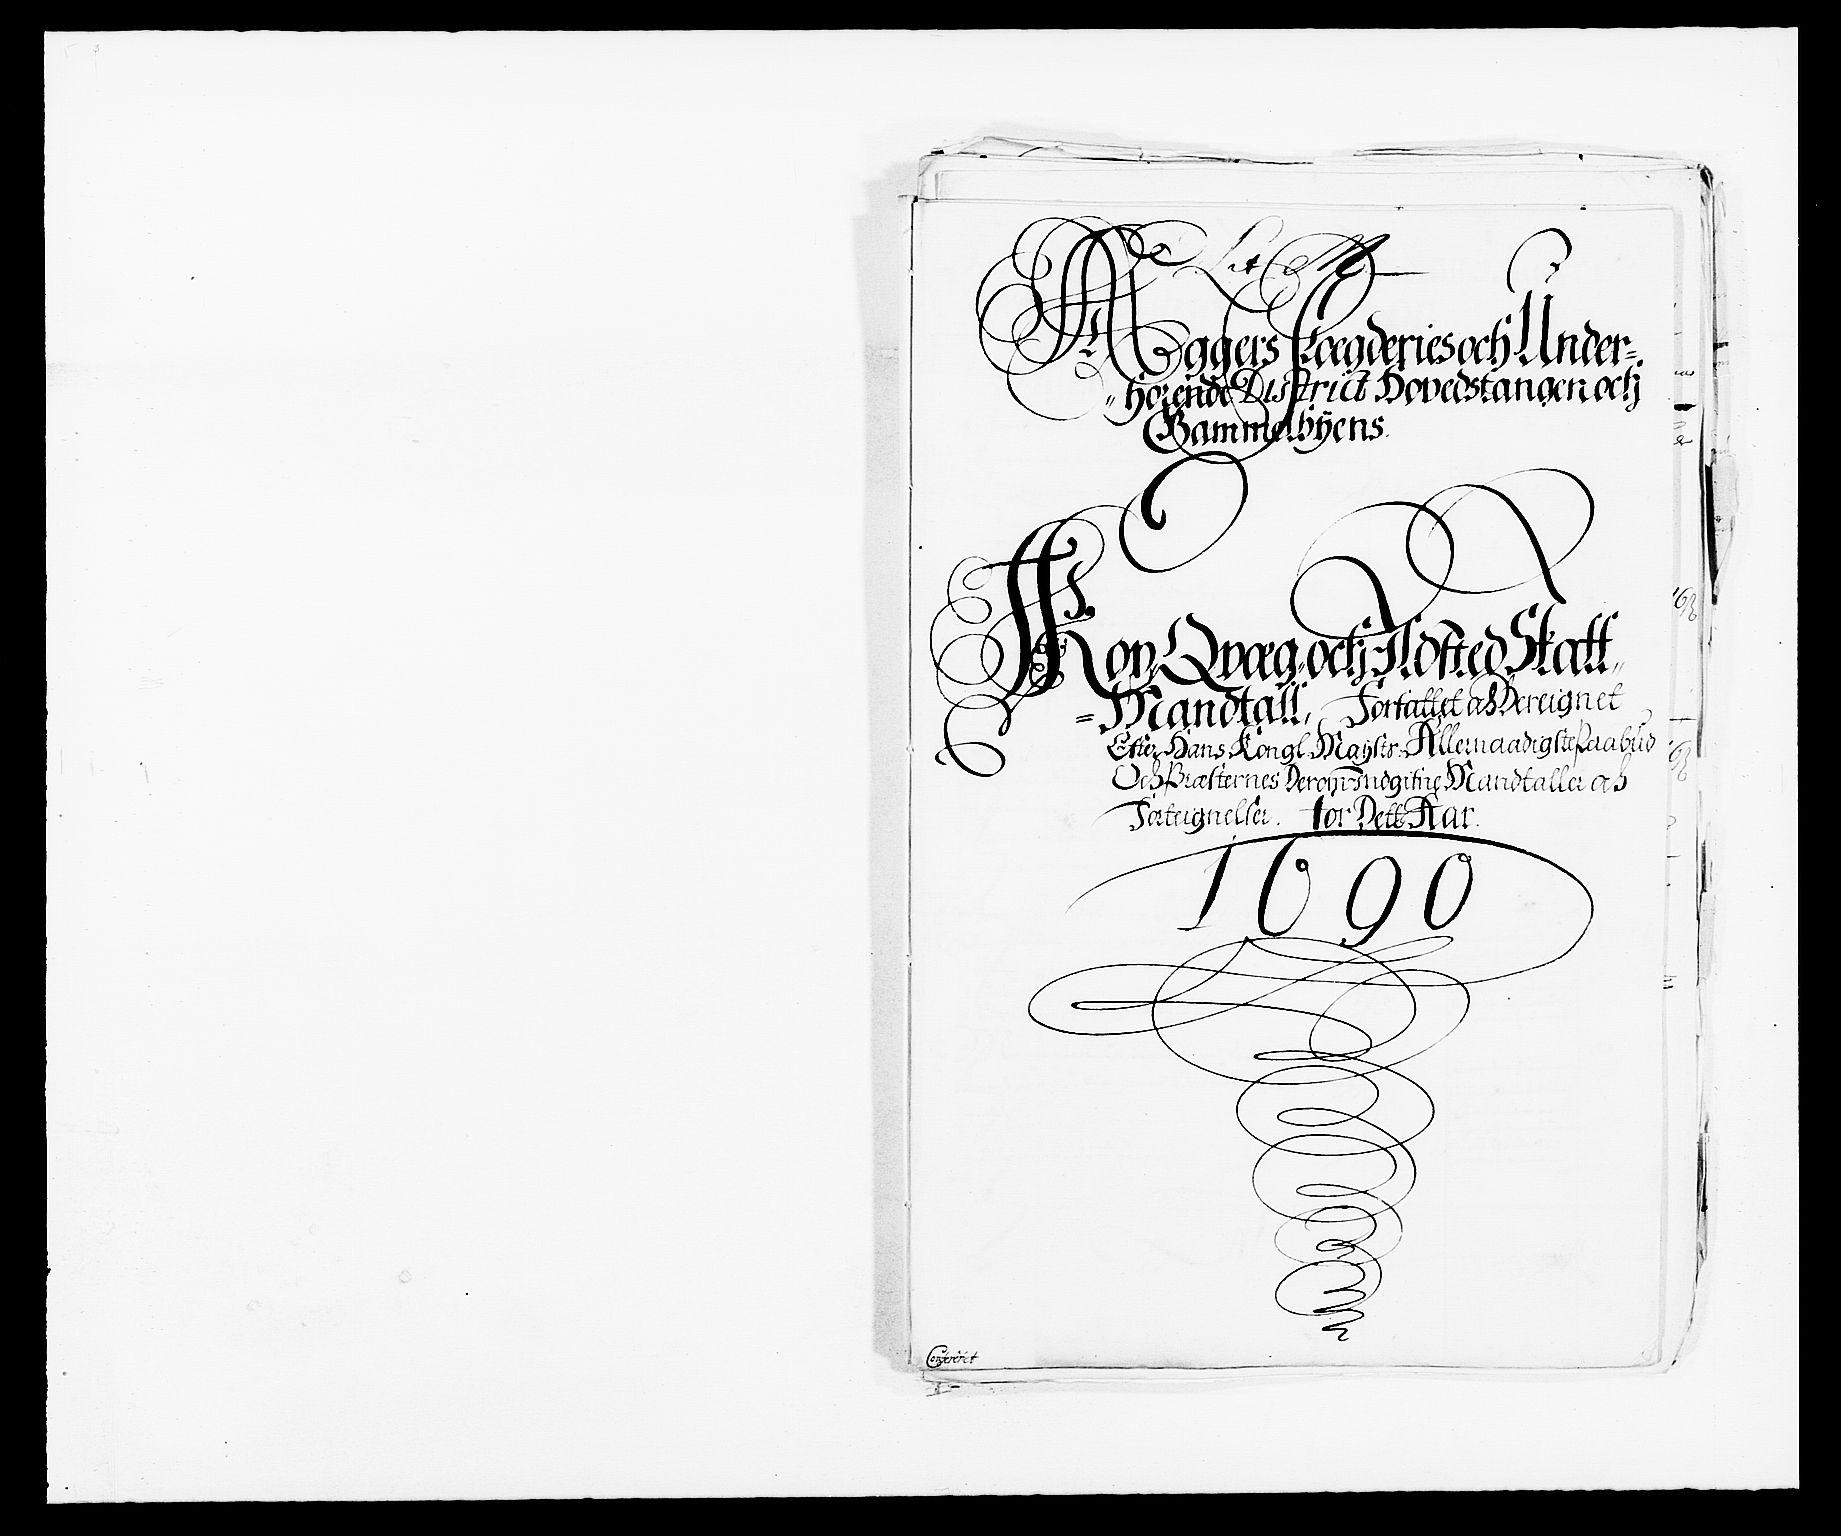 RA, Rentekammeret inntil 1814, Reviderte regnskaper, Fogderegnskap, R08/L0423: Fogderegnskap Aker, 1687-1689, s. 238